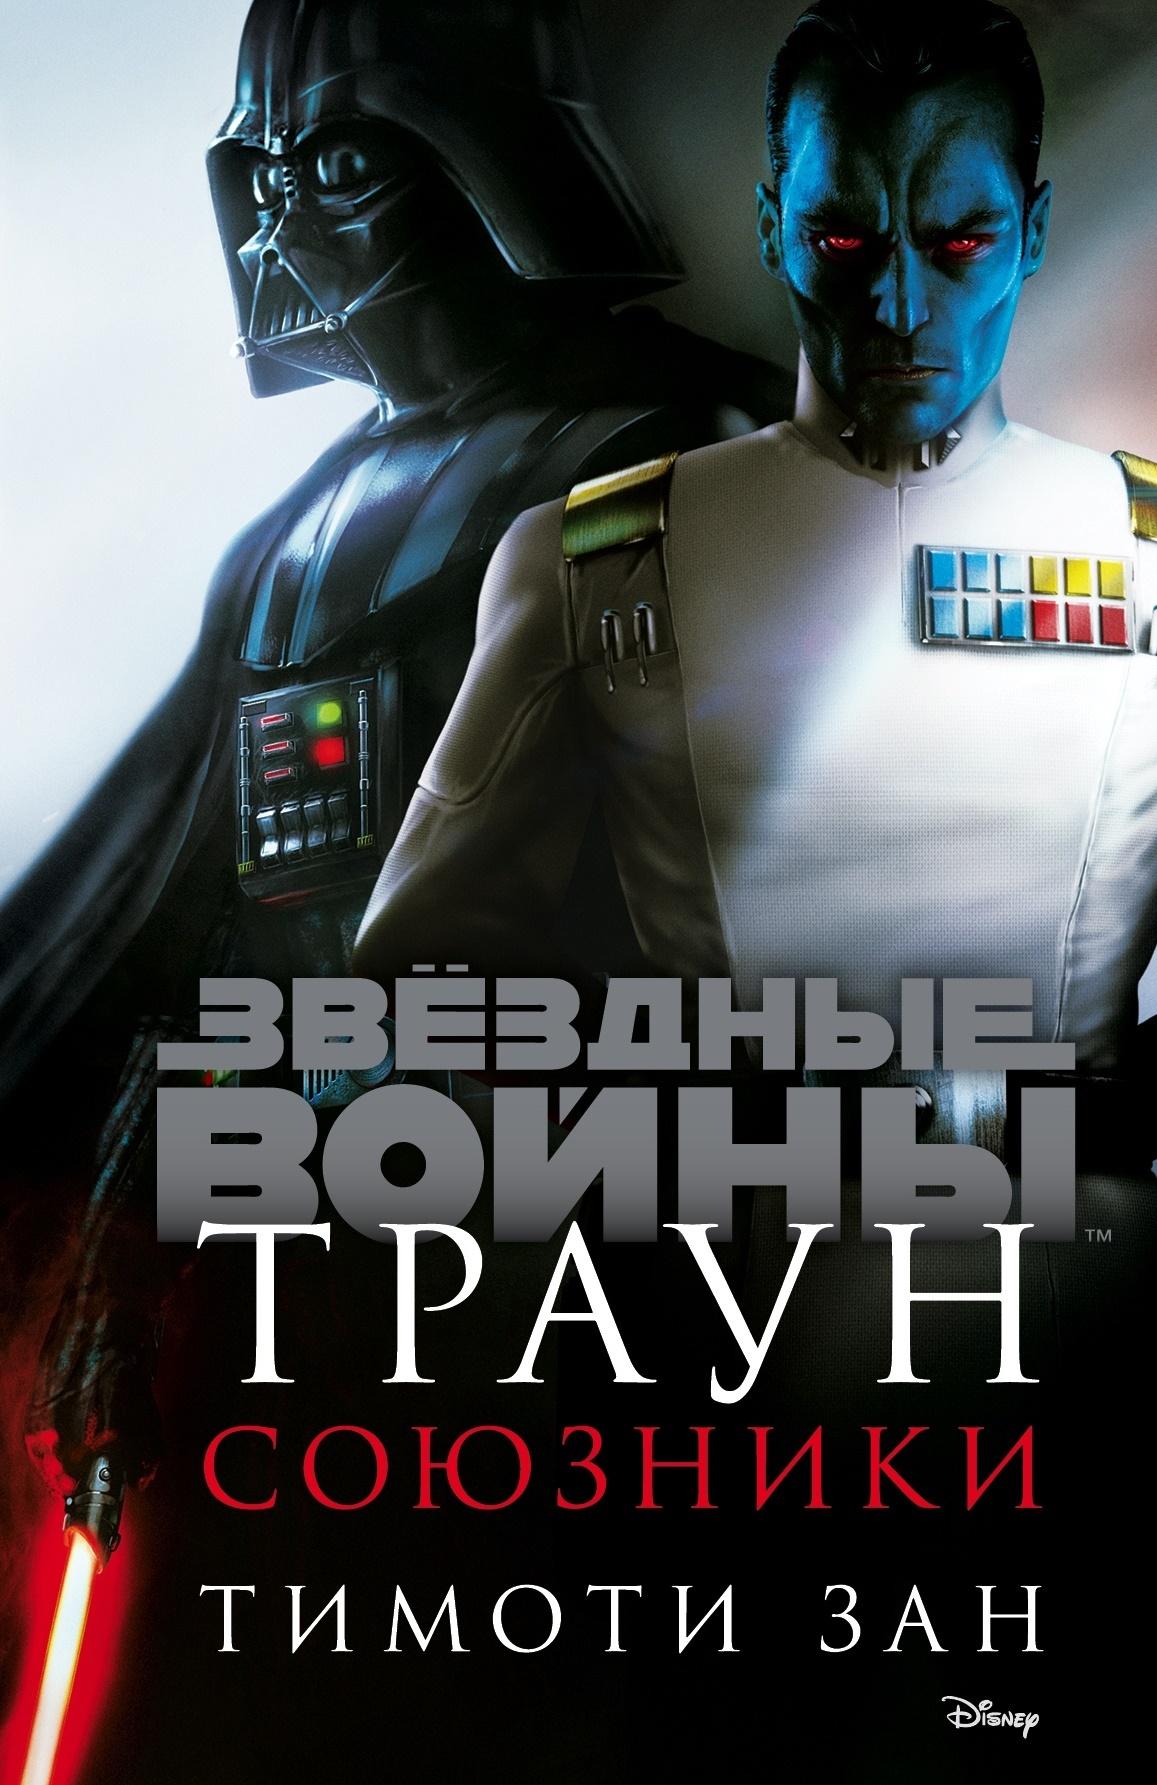 Читаем книгу «Траун. Союзники» из нового канона «Звёздных войн» 1